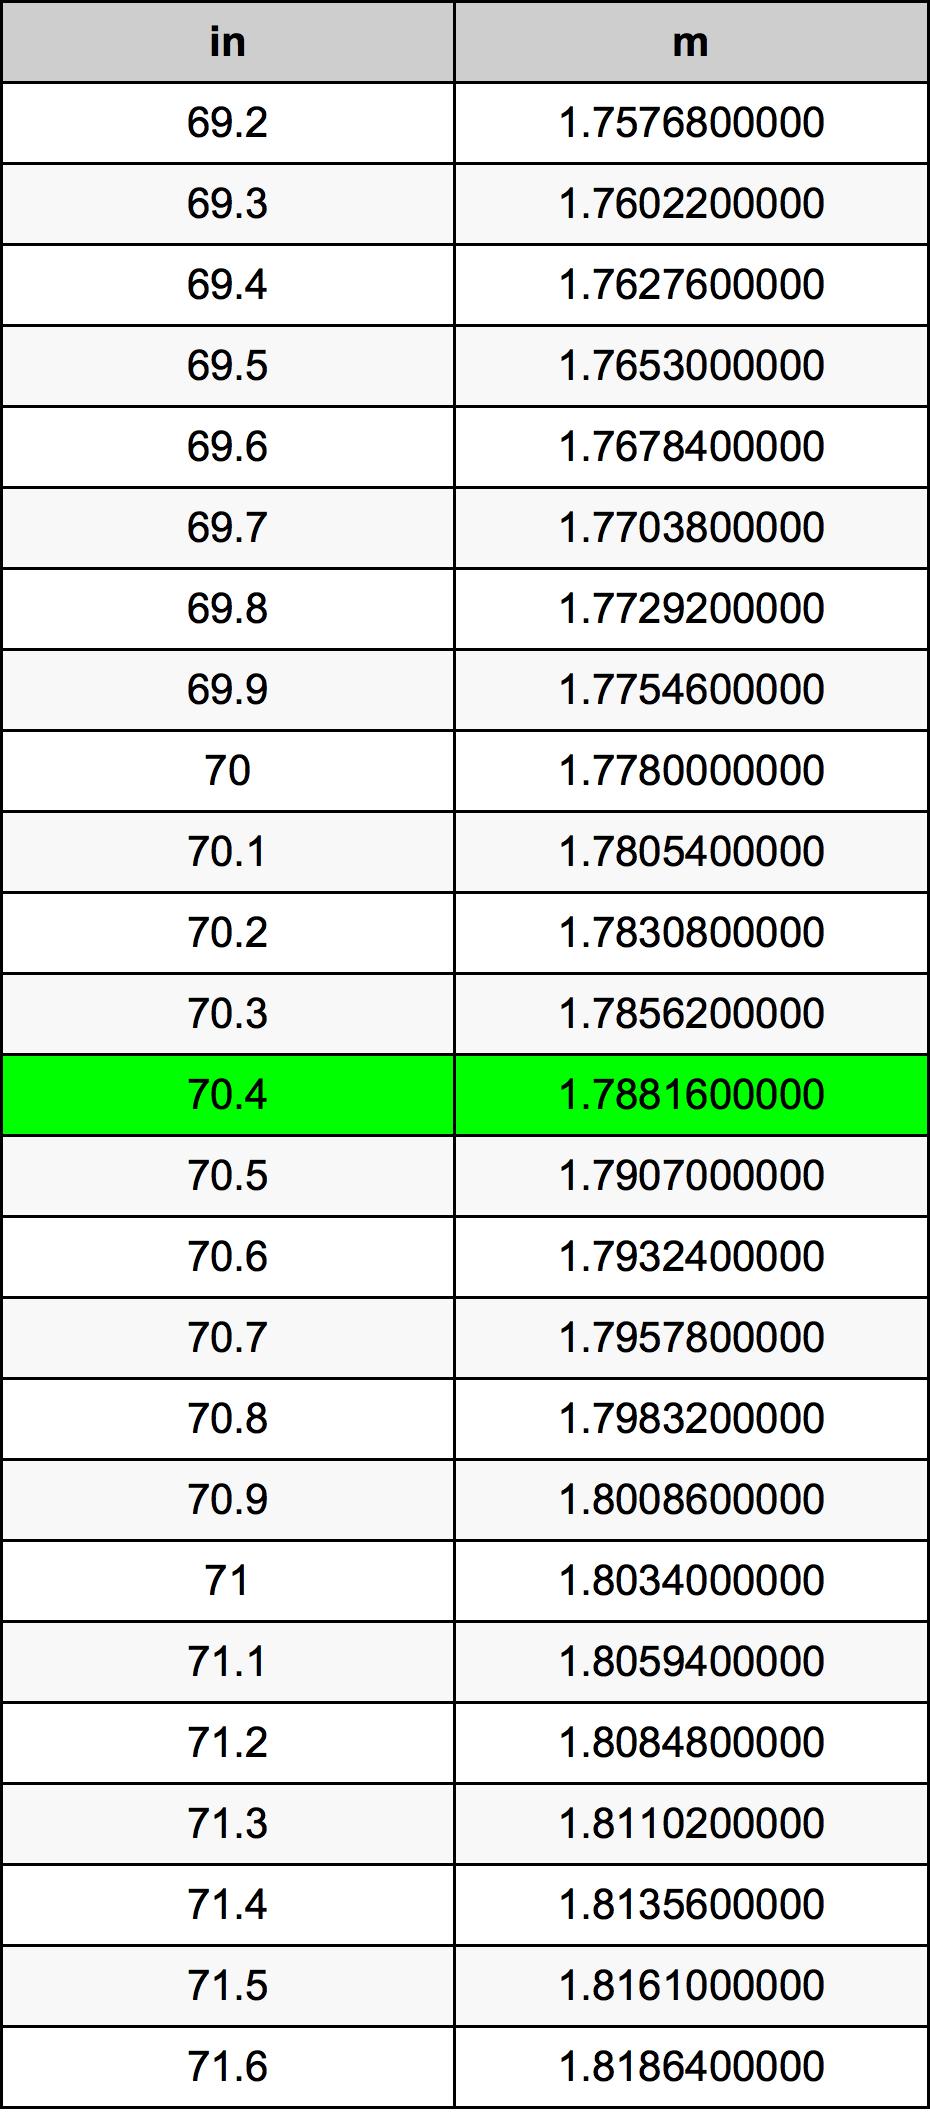 70.4 Polegada tabela de conversão